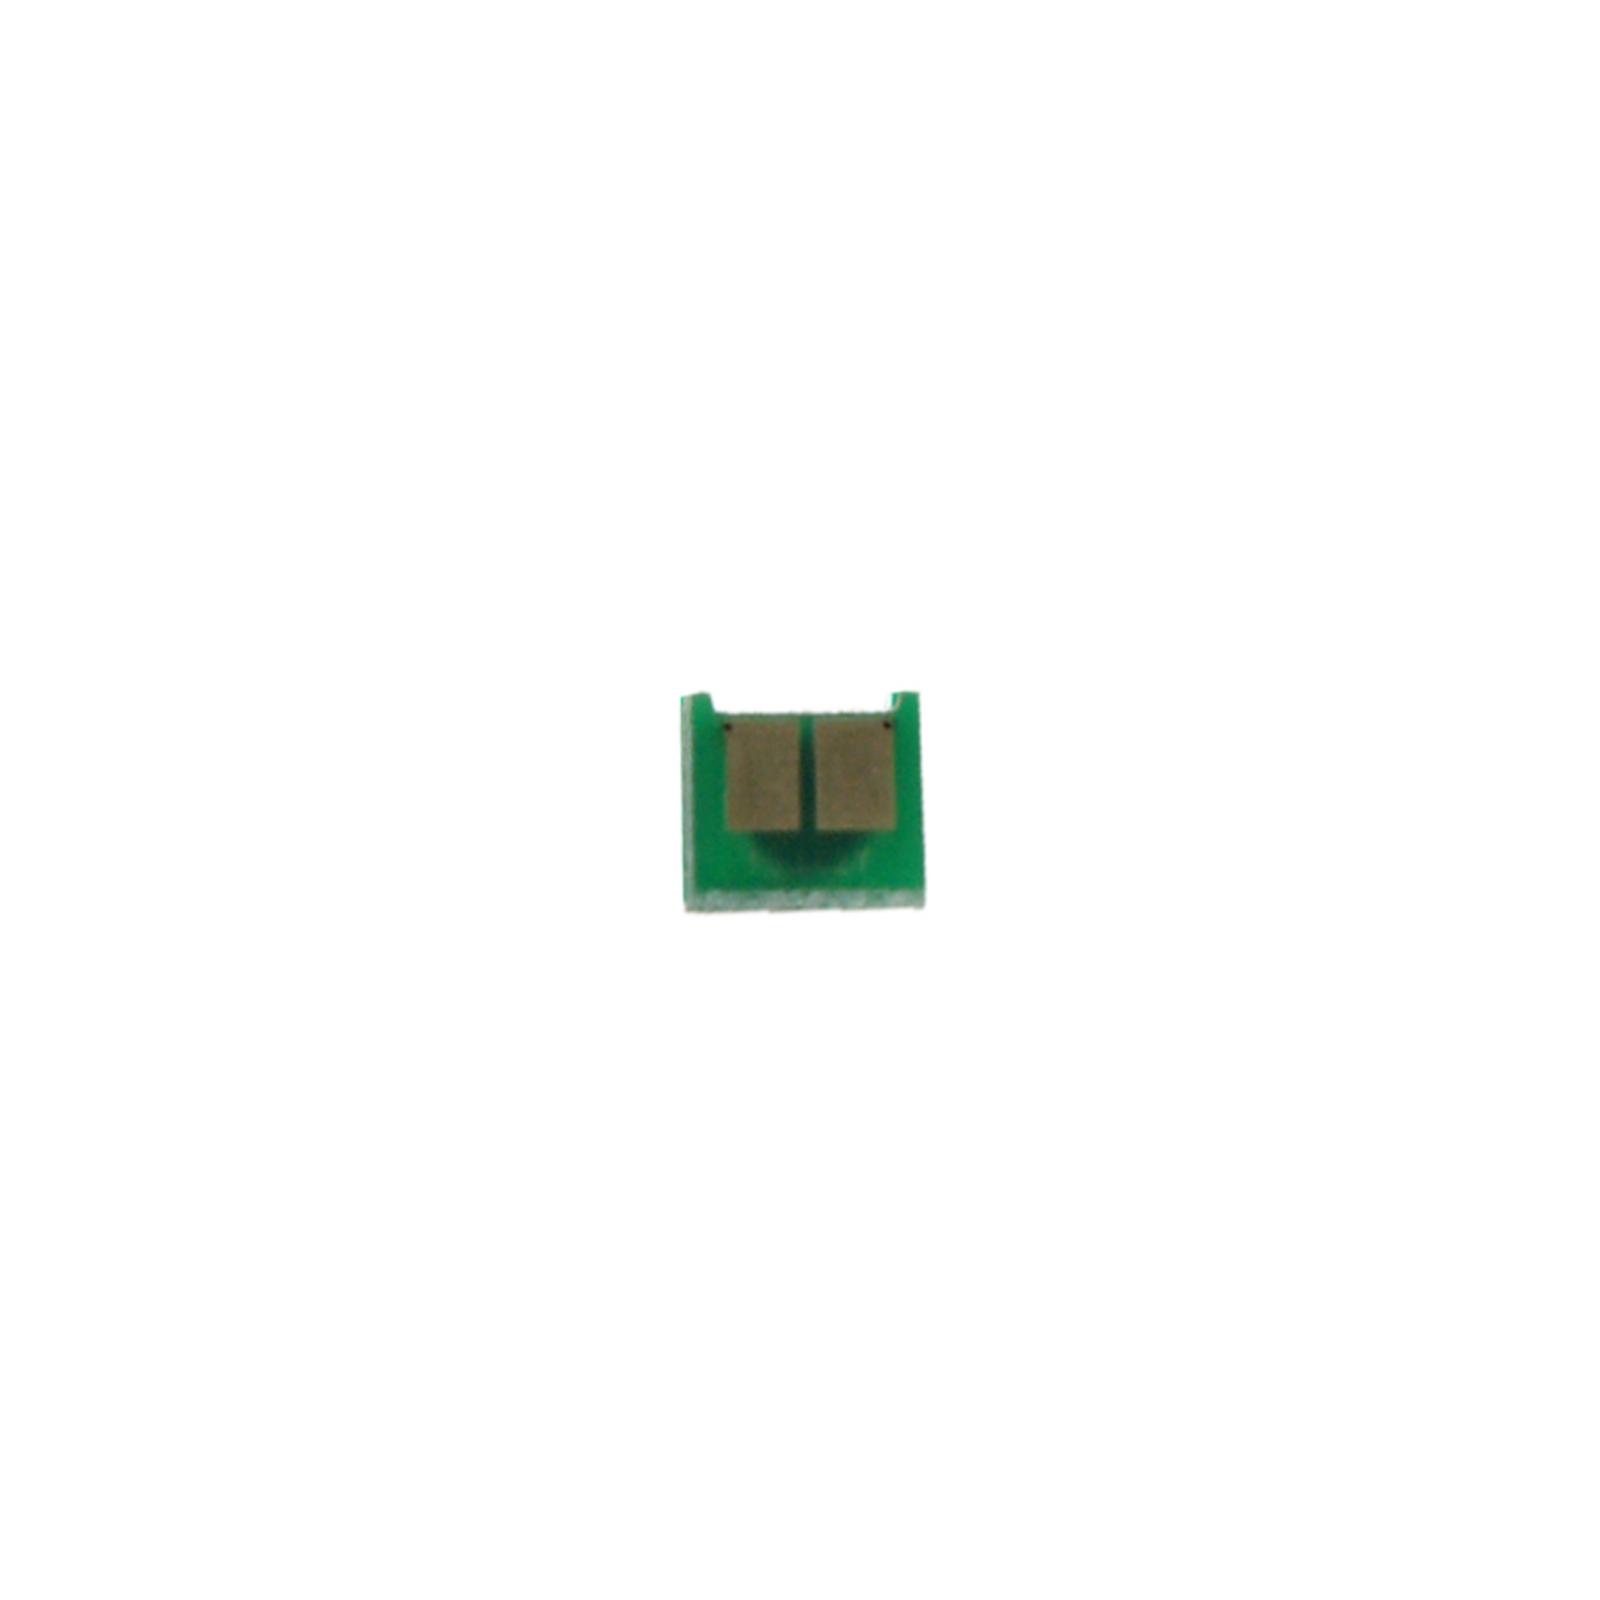 Чип для картриджа HP LJ M4555MFP/Enterprise 600 M601/602/603 (X) BASF (WWMID-74512)